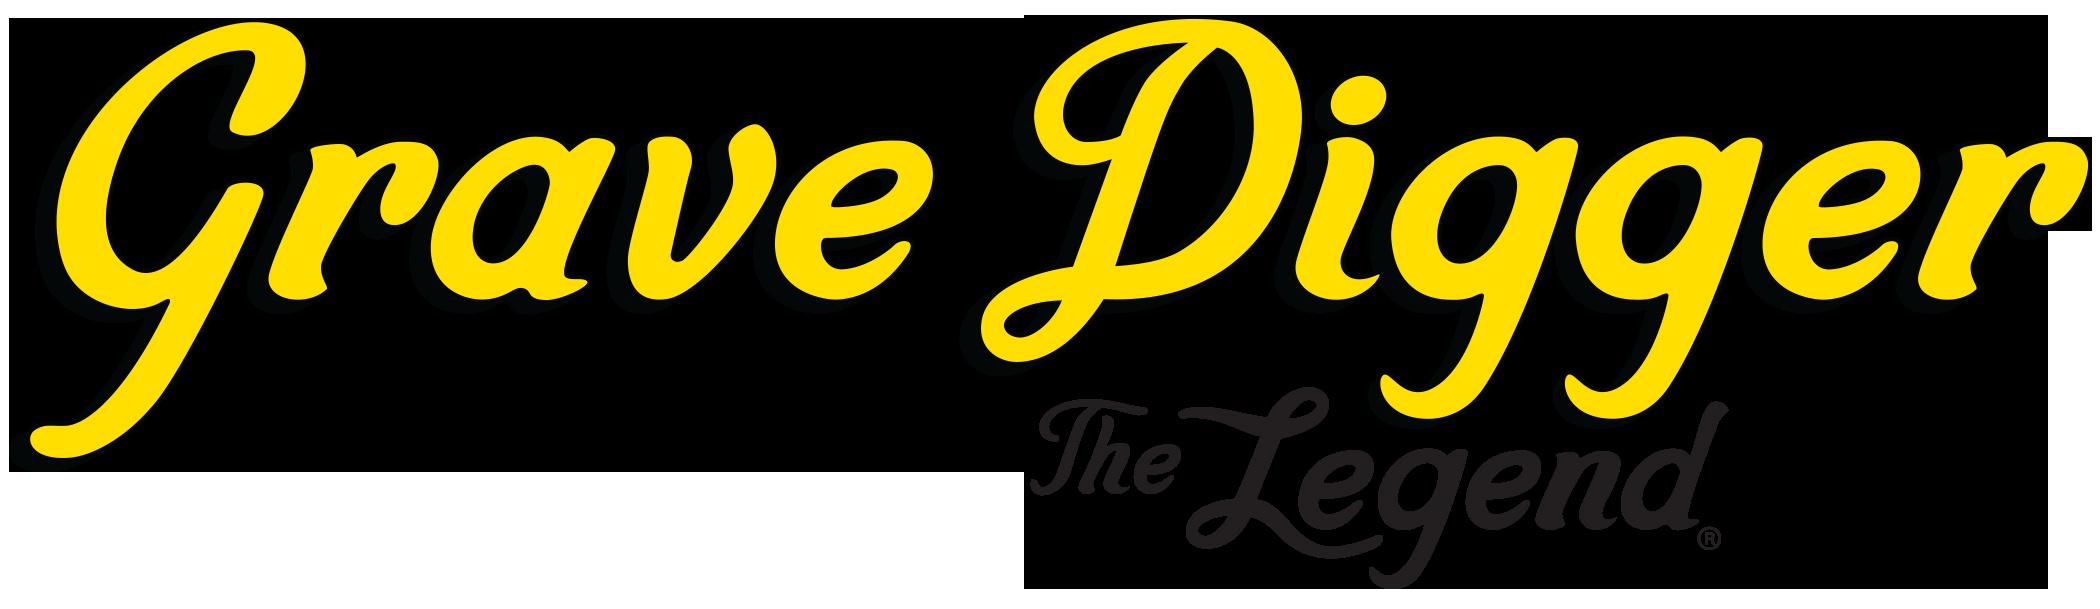 grave digger the legend logo